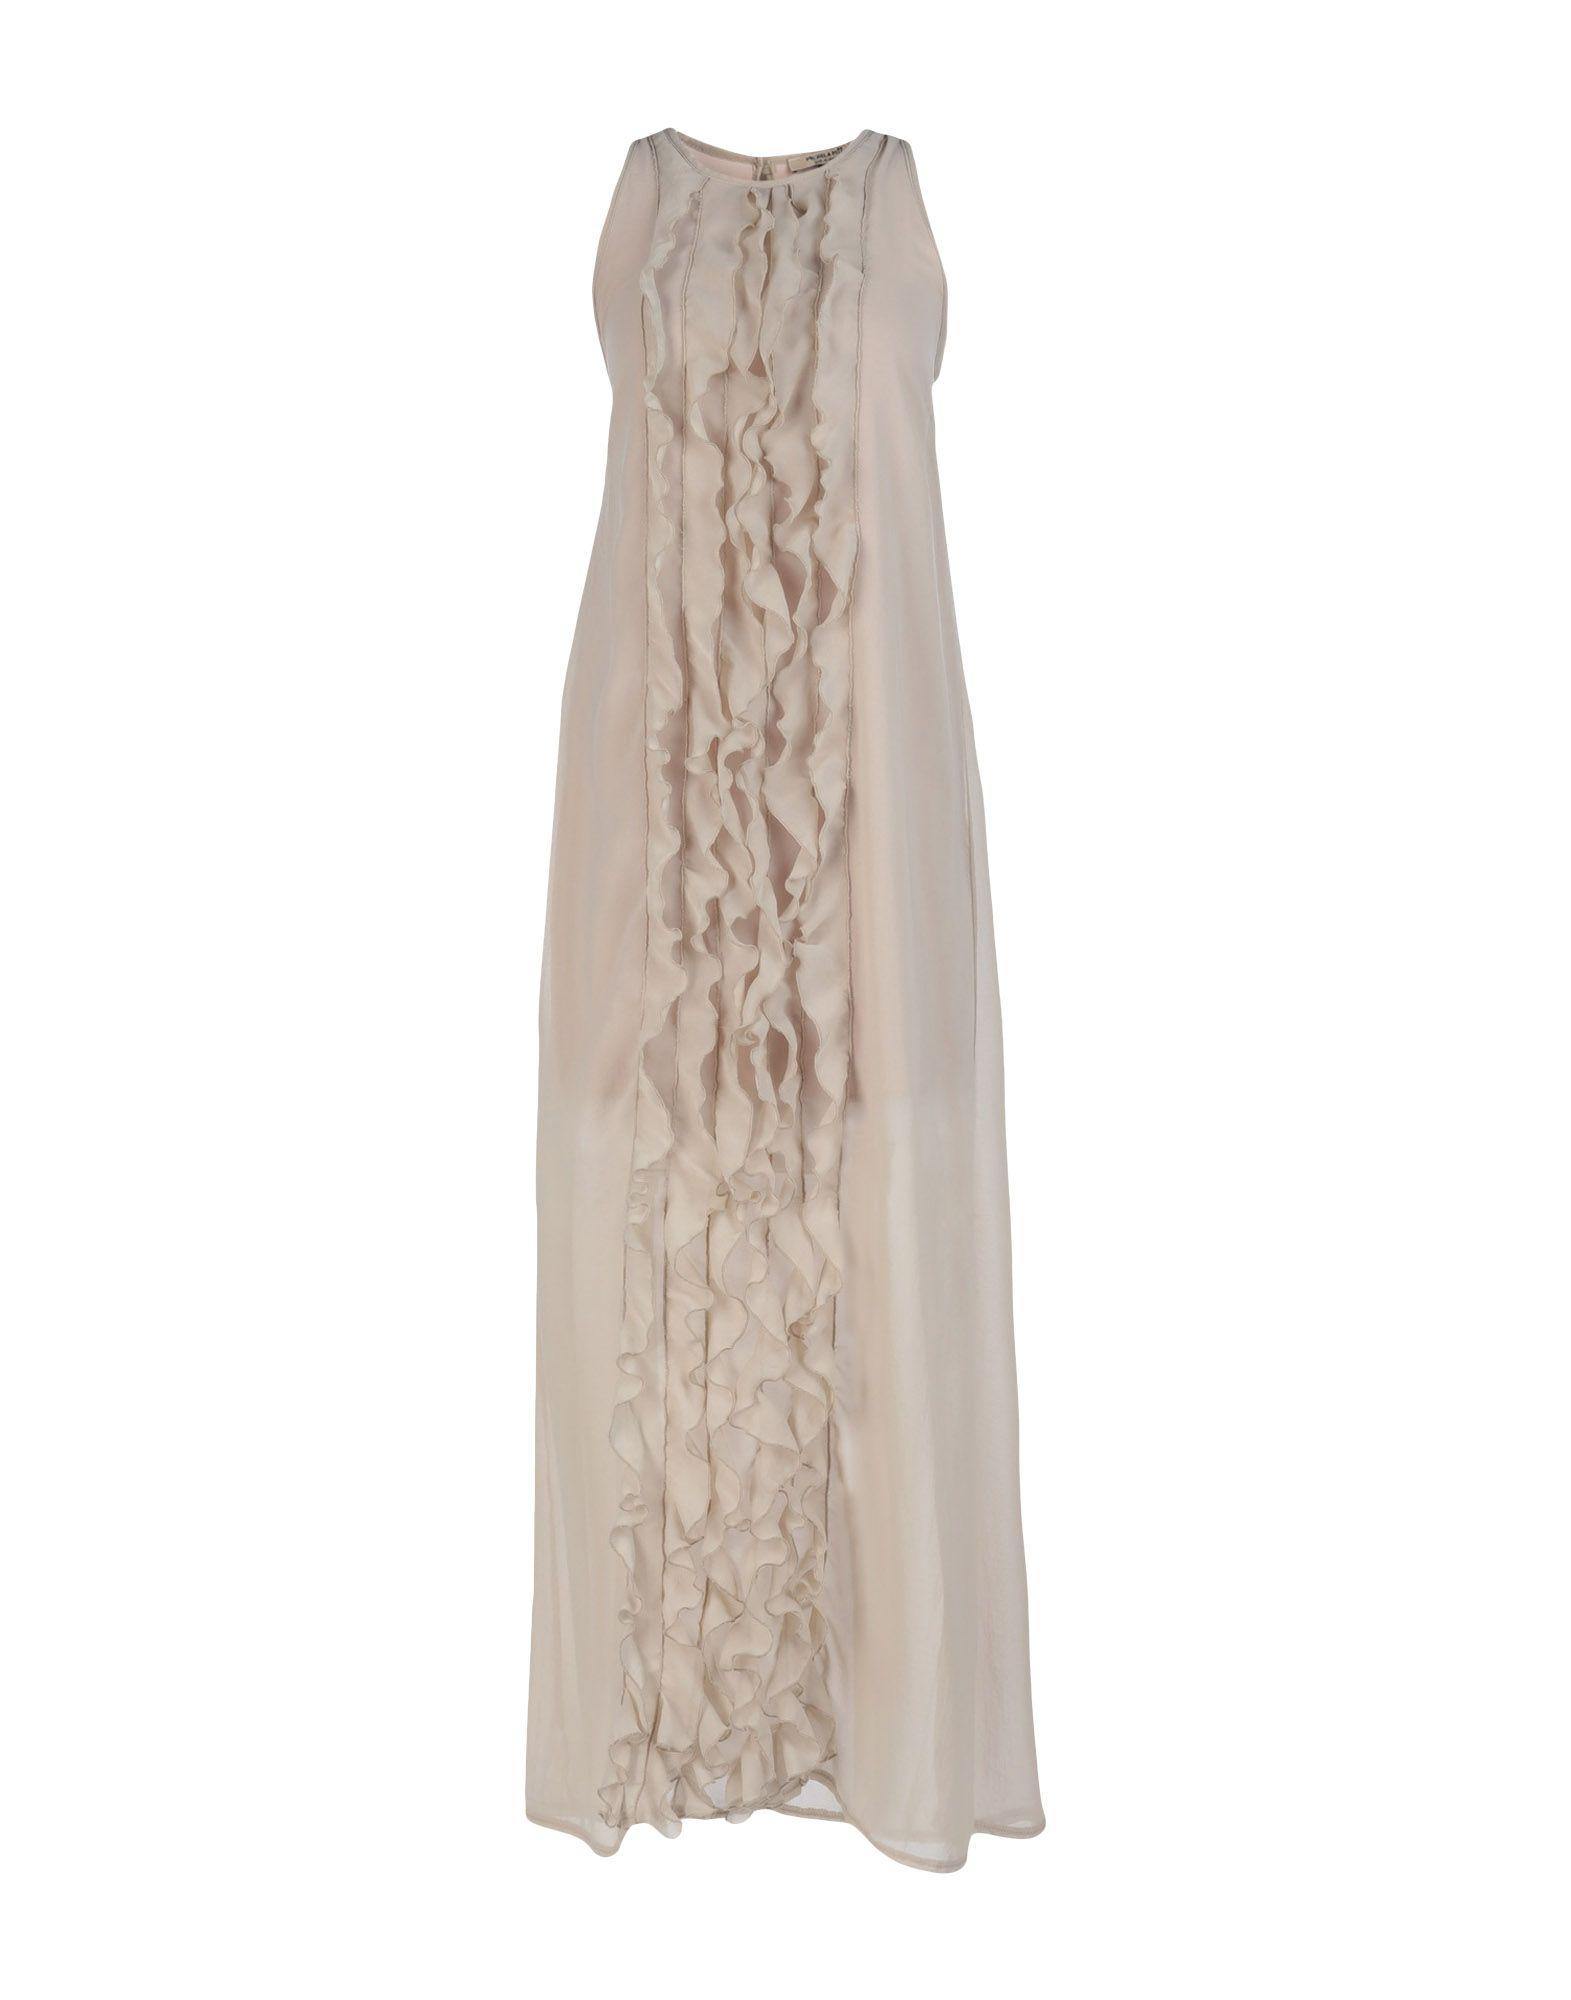 《送料無料》MICHELA MII レディース ロングワンピース&ドレス ベージュ S ポリエステル 100%